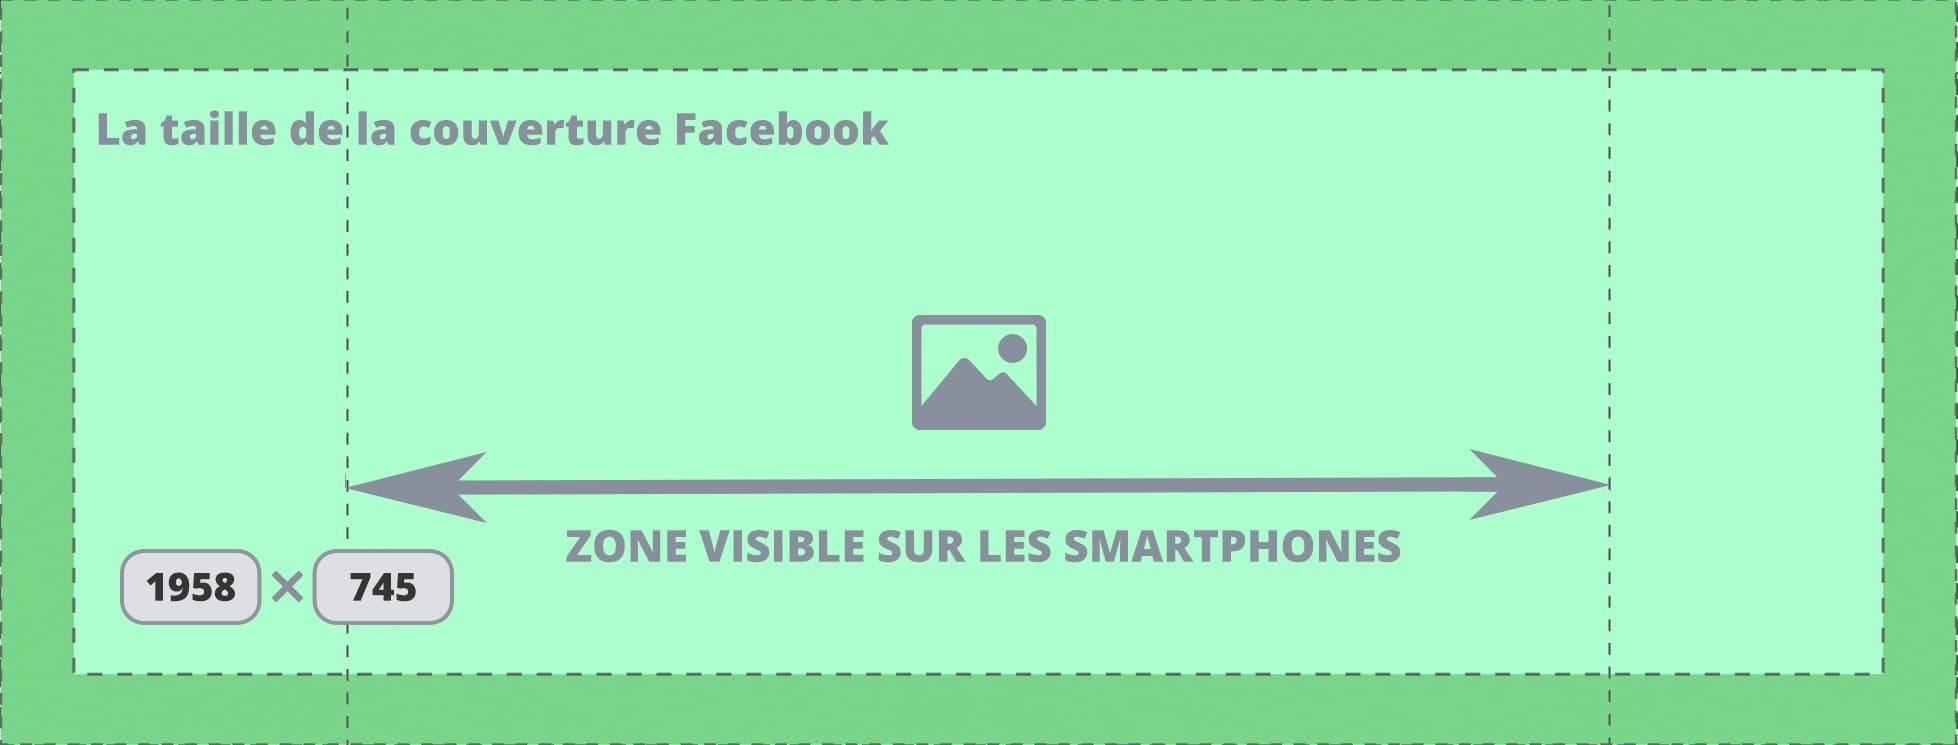 La taille de la couverture Facebook